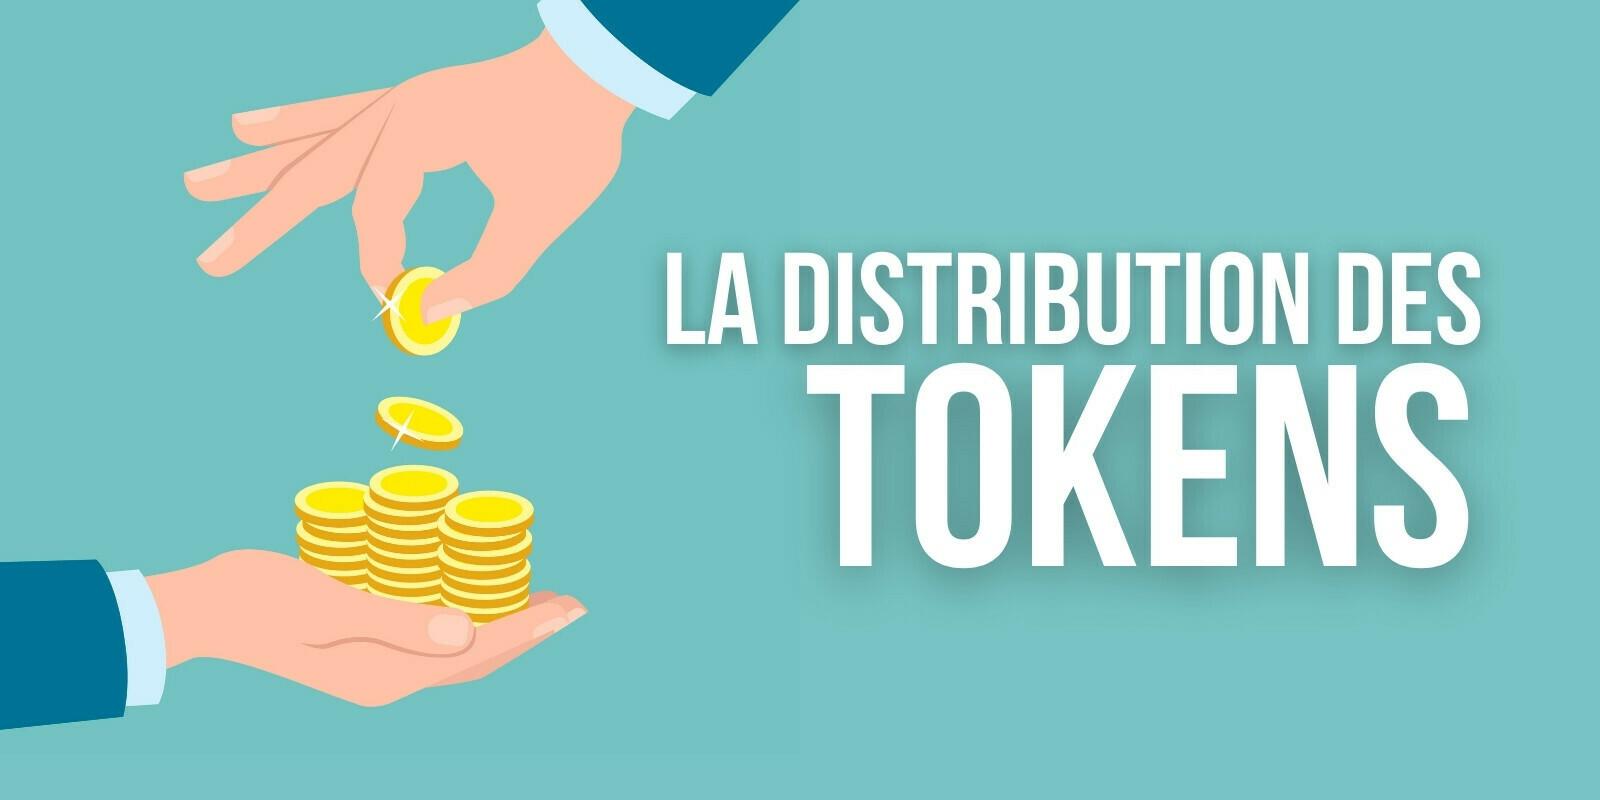 Quels sont les altcoins ayant le plus largement distribué leurs tokens?